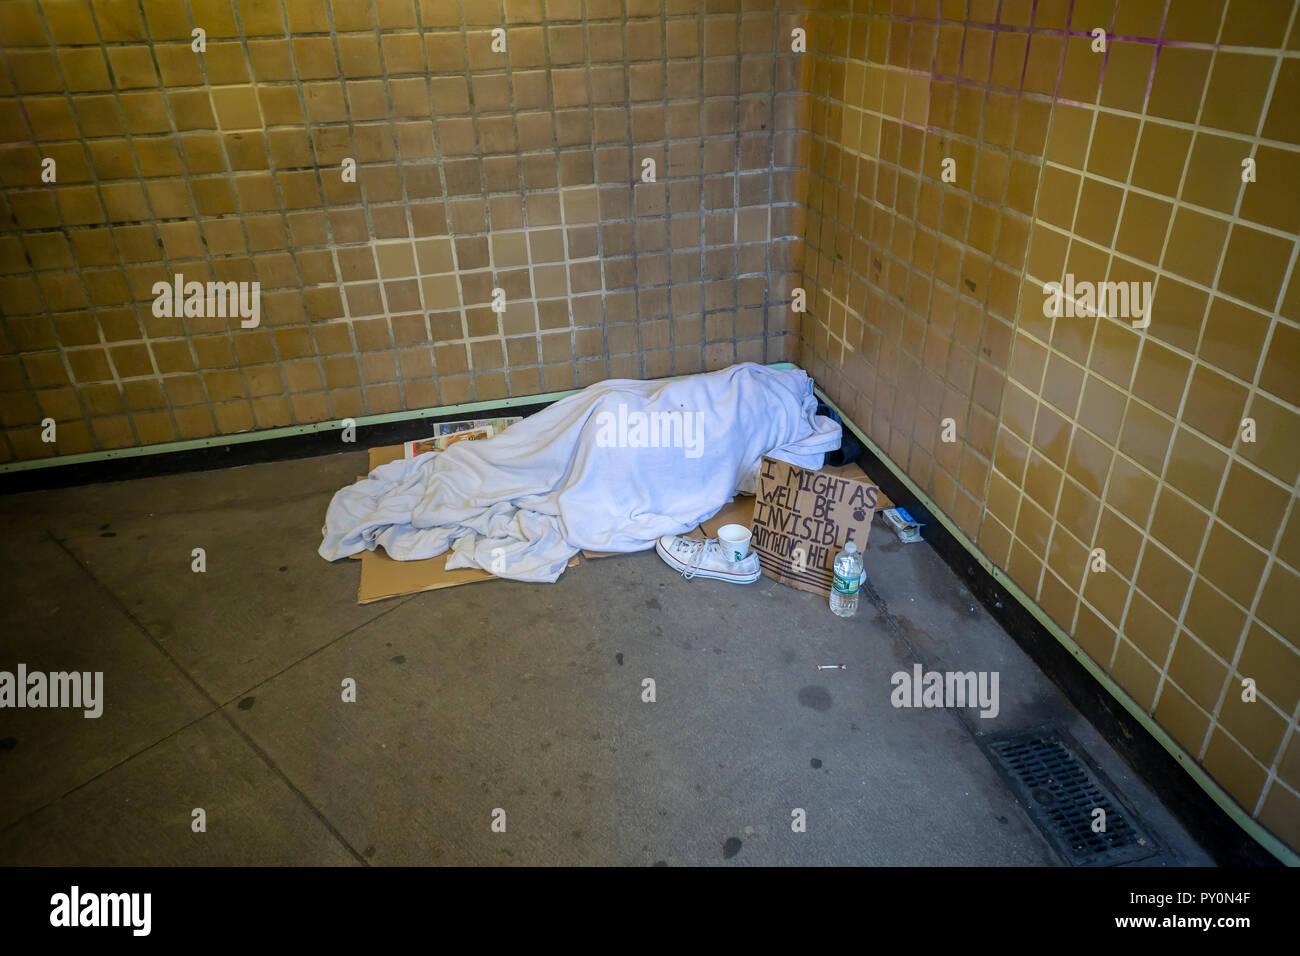 Eine obdachlose Person gesehen in der Eingang der West 23. Straße ind der U-Bahn Station in New York am Samstag, 20. Oktober 2018 schlafen. (© Richard B. Levine) Stockbild